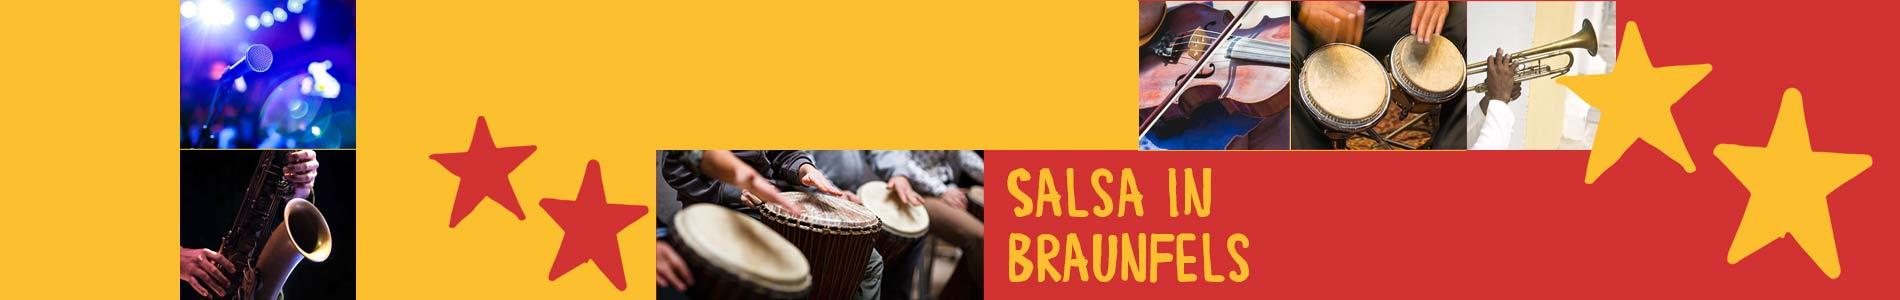 Salsa in Braunfels – Salsa lernen und tanzen, Tanzkurse, Partys, Veranstaltungen